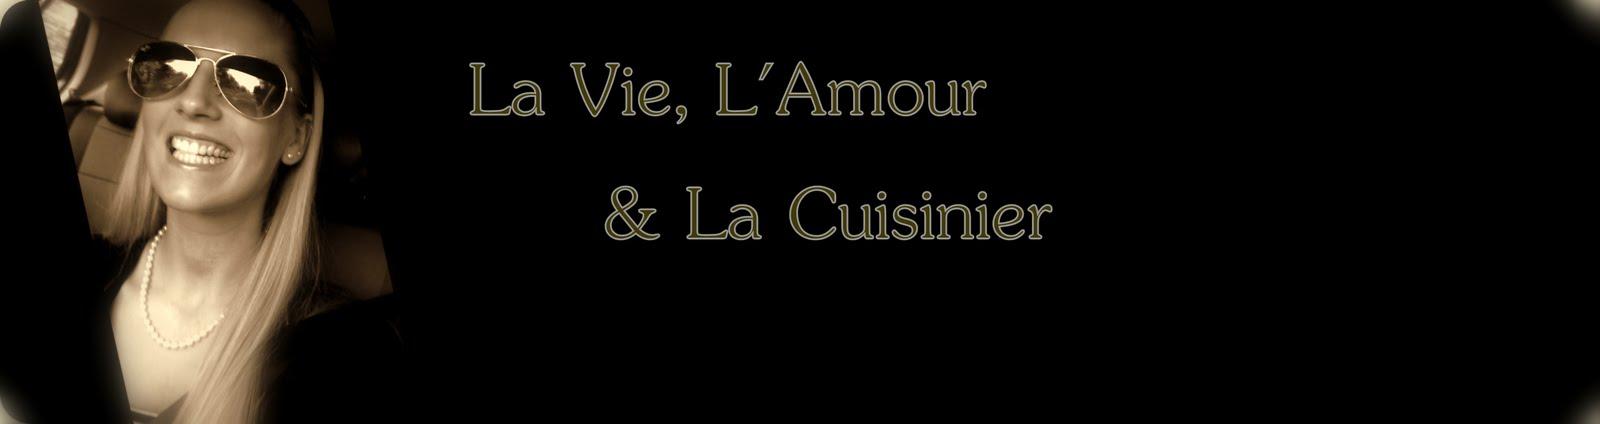 La Vie, L'Amour & Le Cuisinier